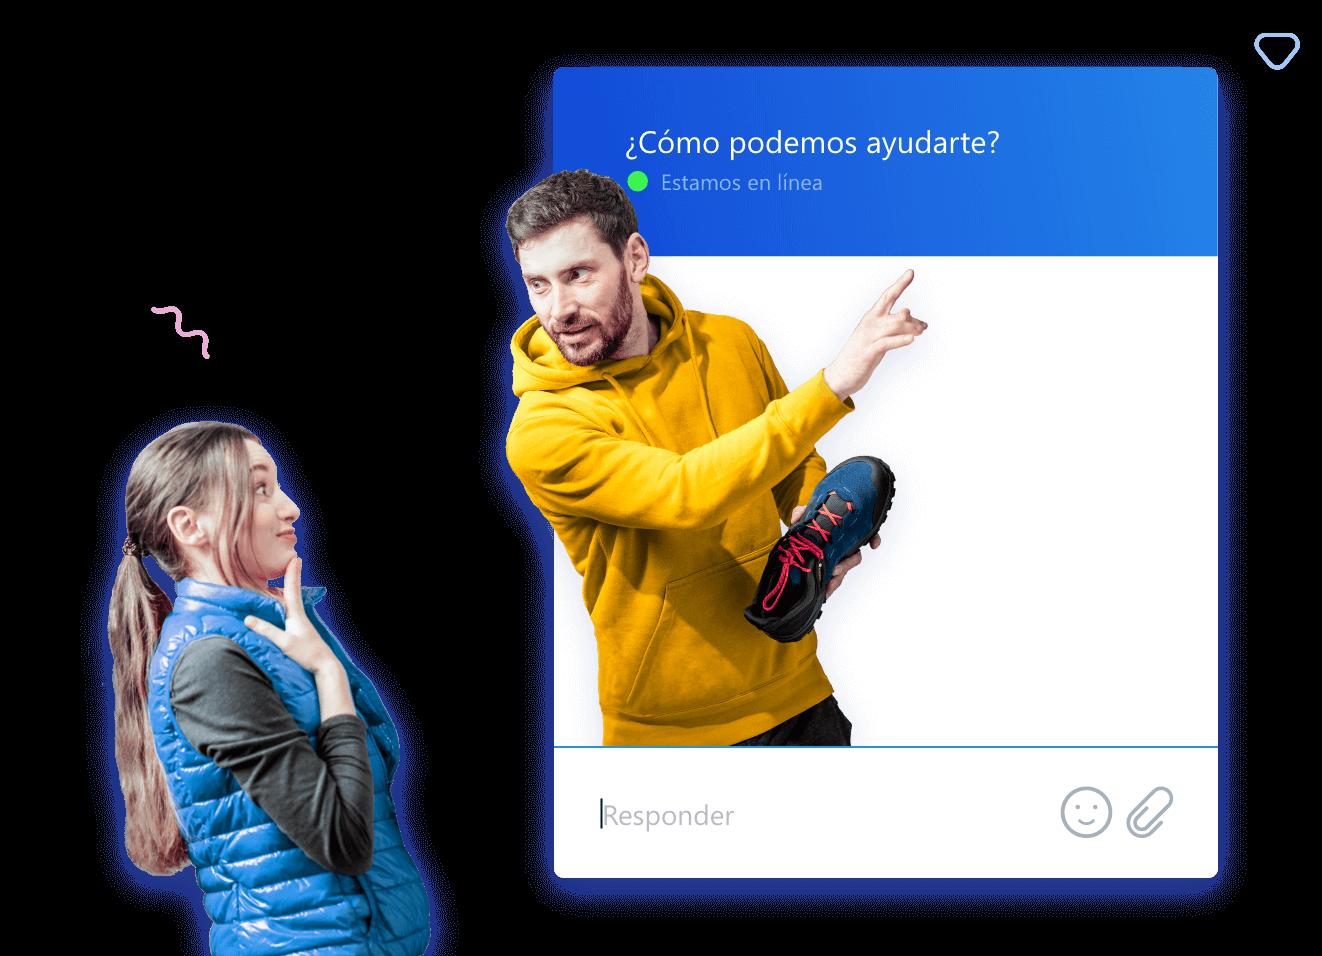 Chatea con los visitantes de tu sitio web y conviértelos en clientes satisfechos